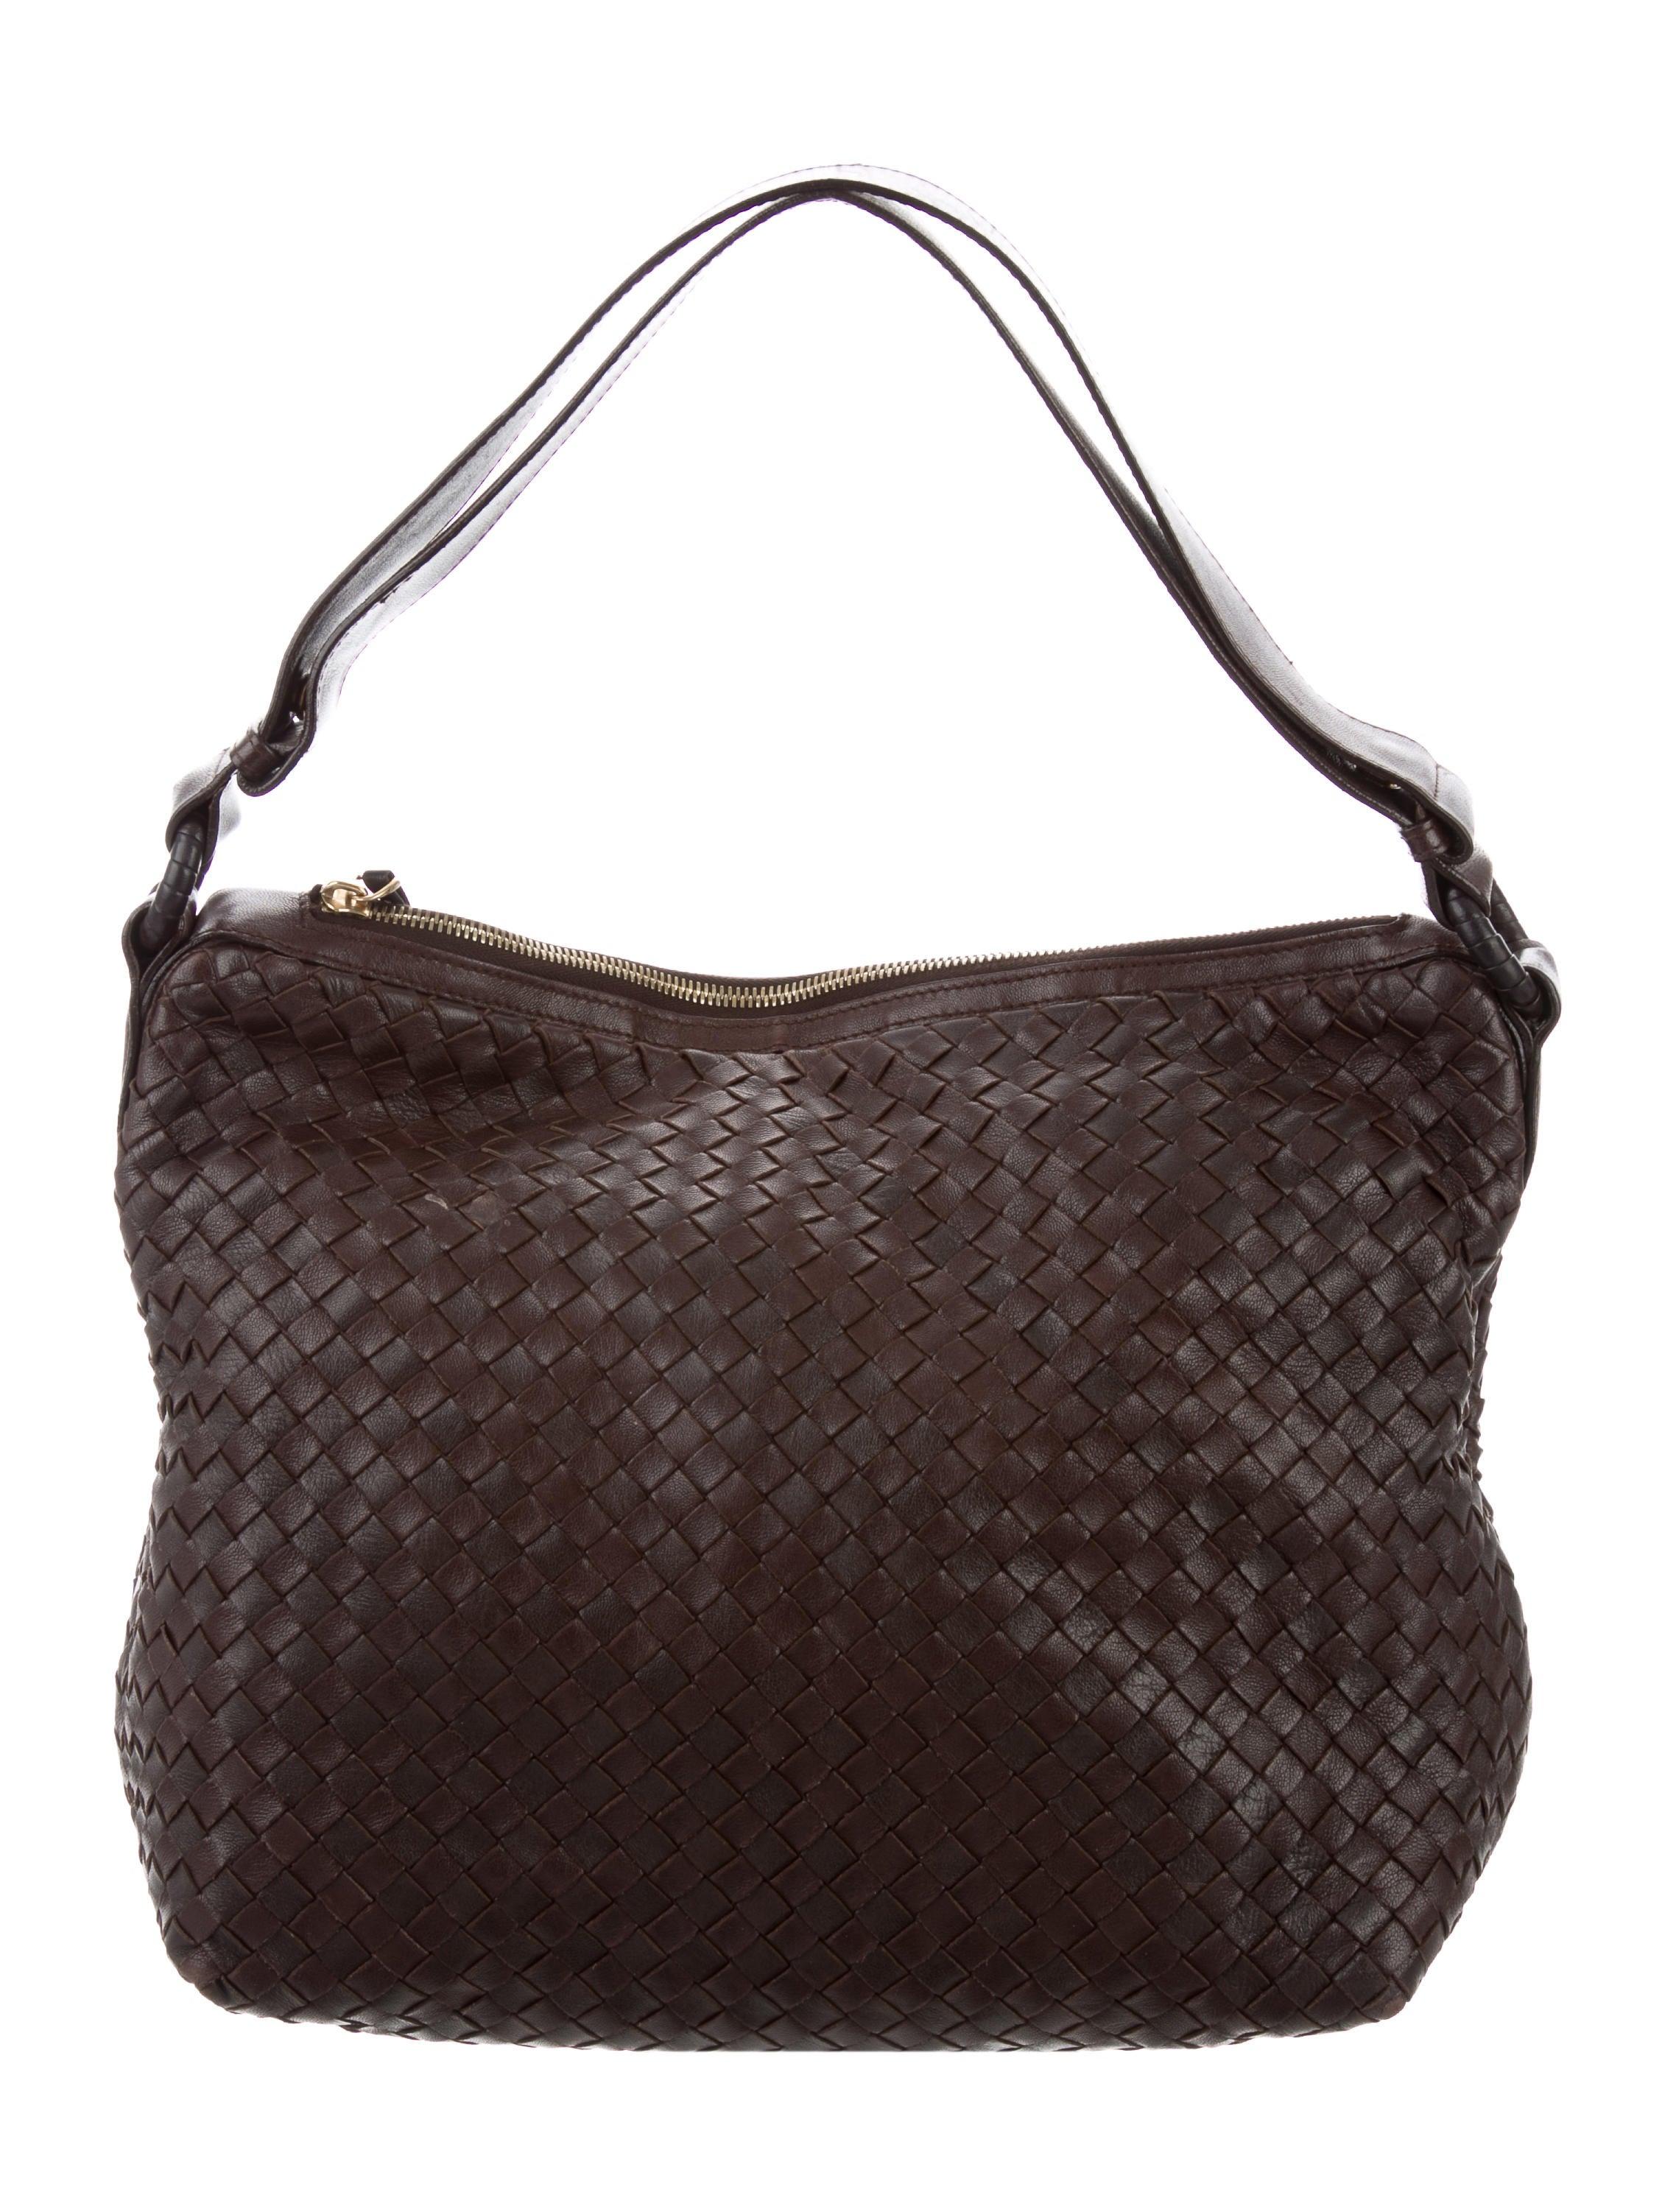 5a71768e43bb Intrecciato Leather Bottega Bottega Veneta Veneta Bag 6xqntn1T ...